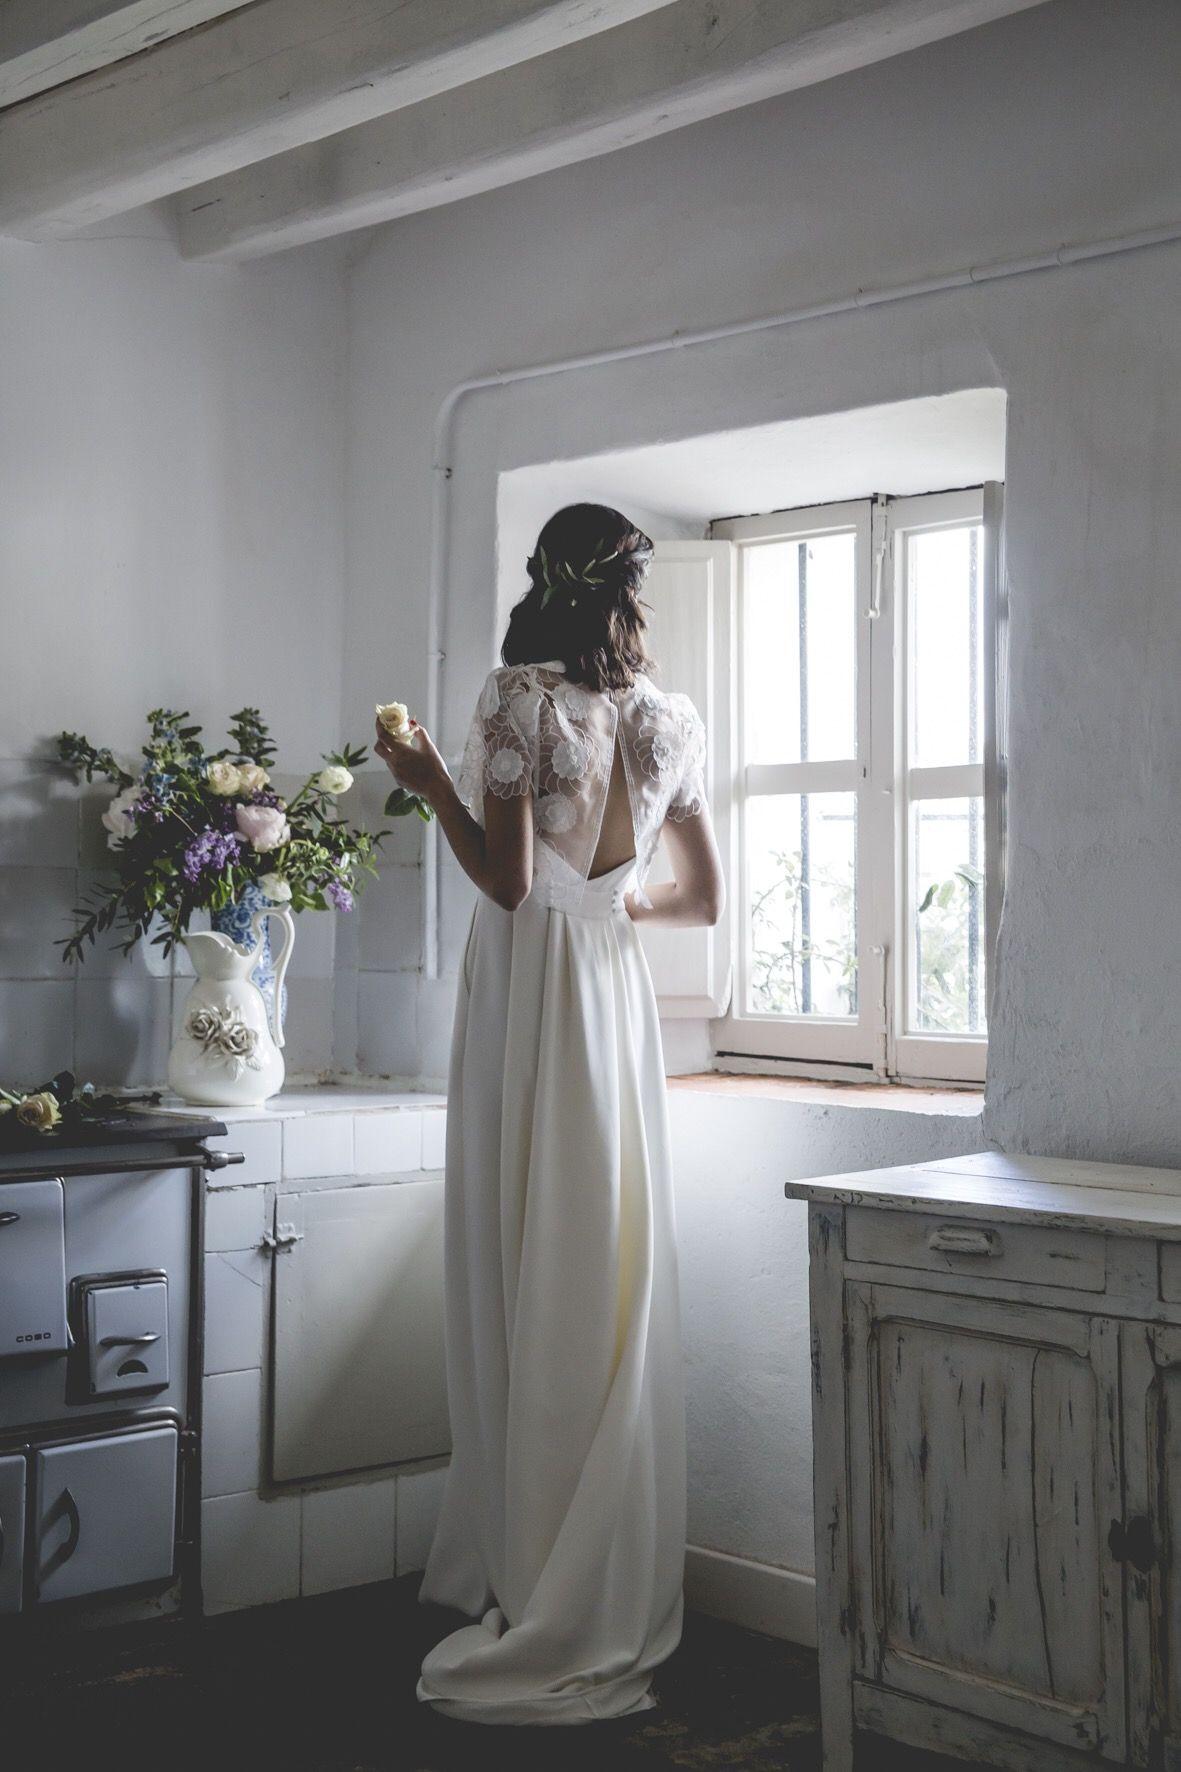 Vestido de novia.  Alejandra Svarc. Colección Mélancolie. Wedding dress.  Foto Patricia Semir.